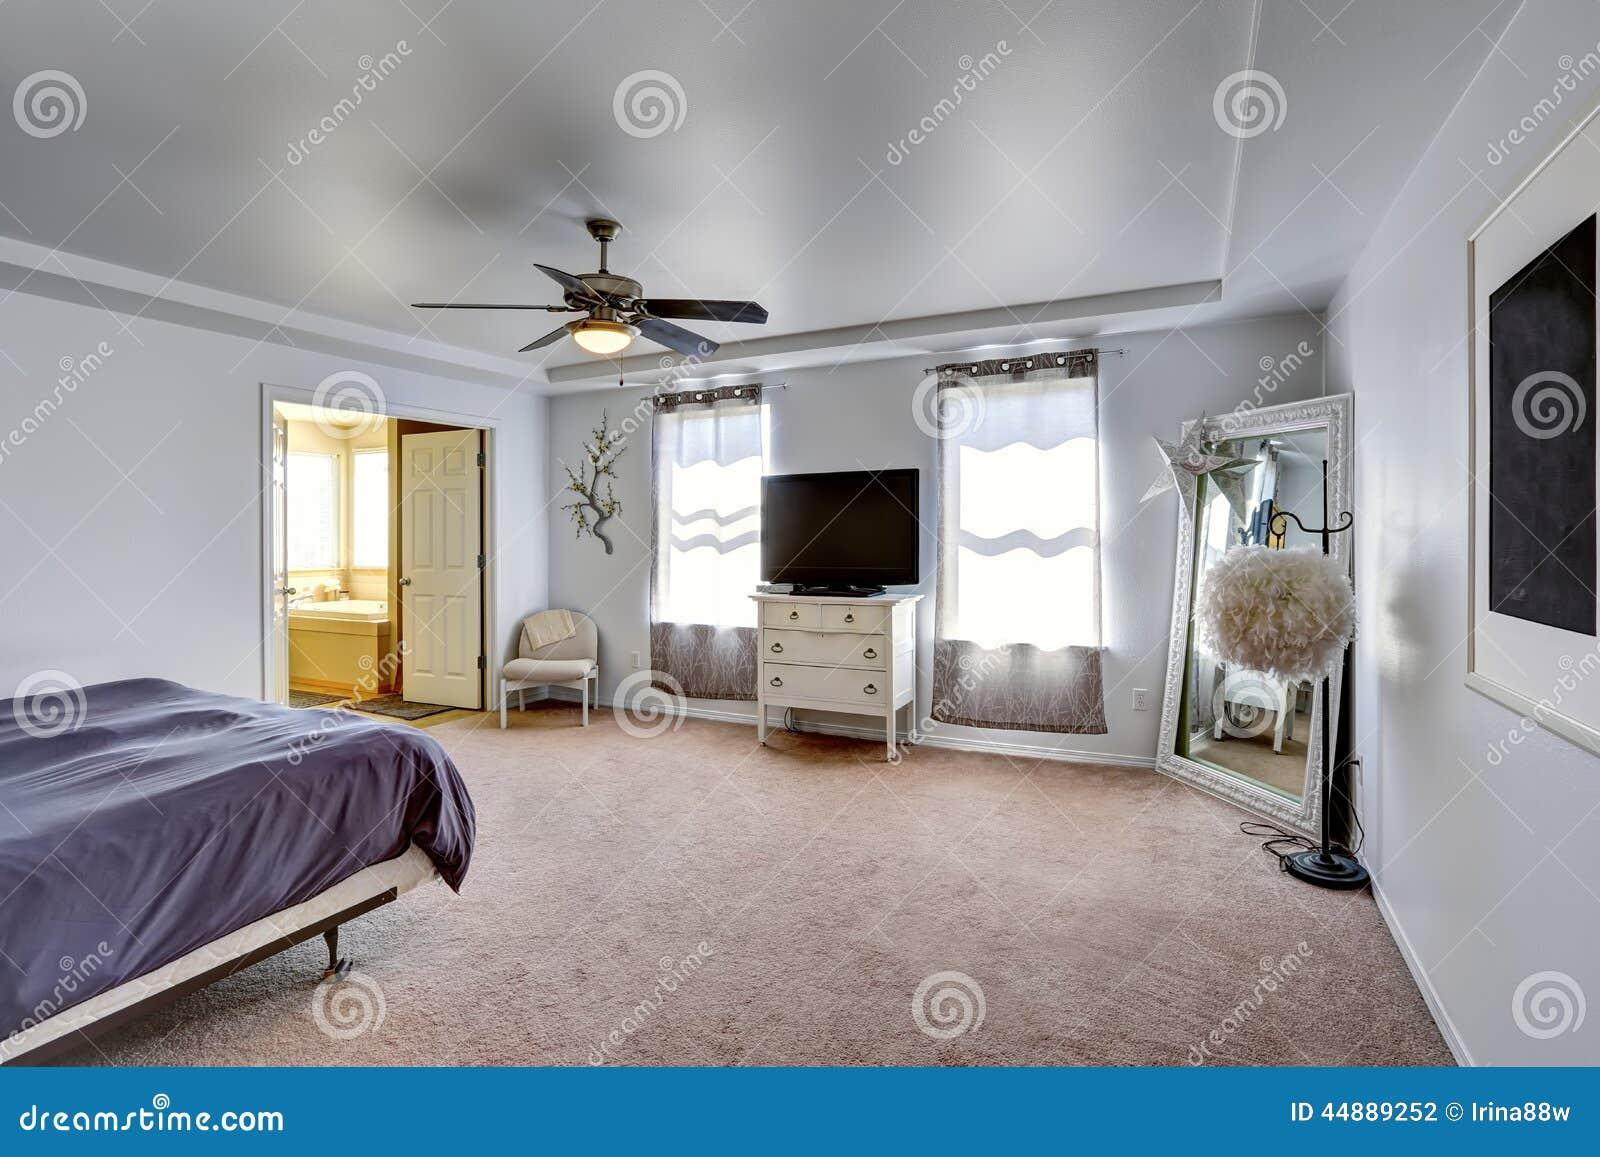 Camera da letto con letto ad angolo : camere da letto con armadio ...